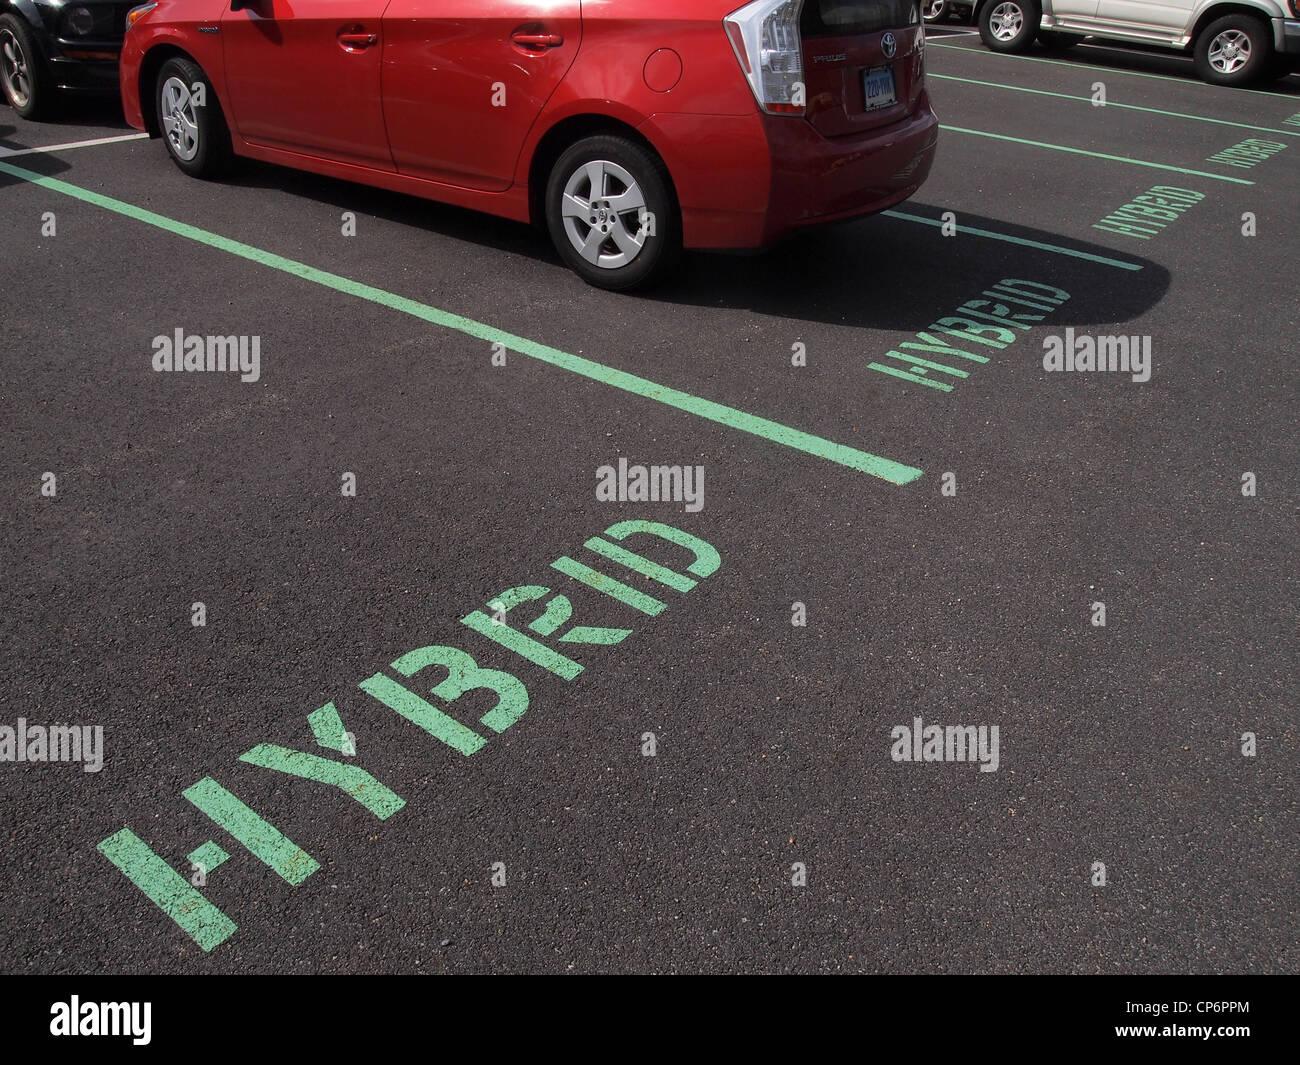 Toyota Prius stationné dans un espace réservé aux véhicules hybrides, New York, États-Unis, Photo Stock